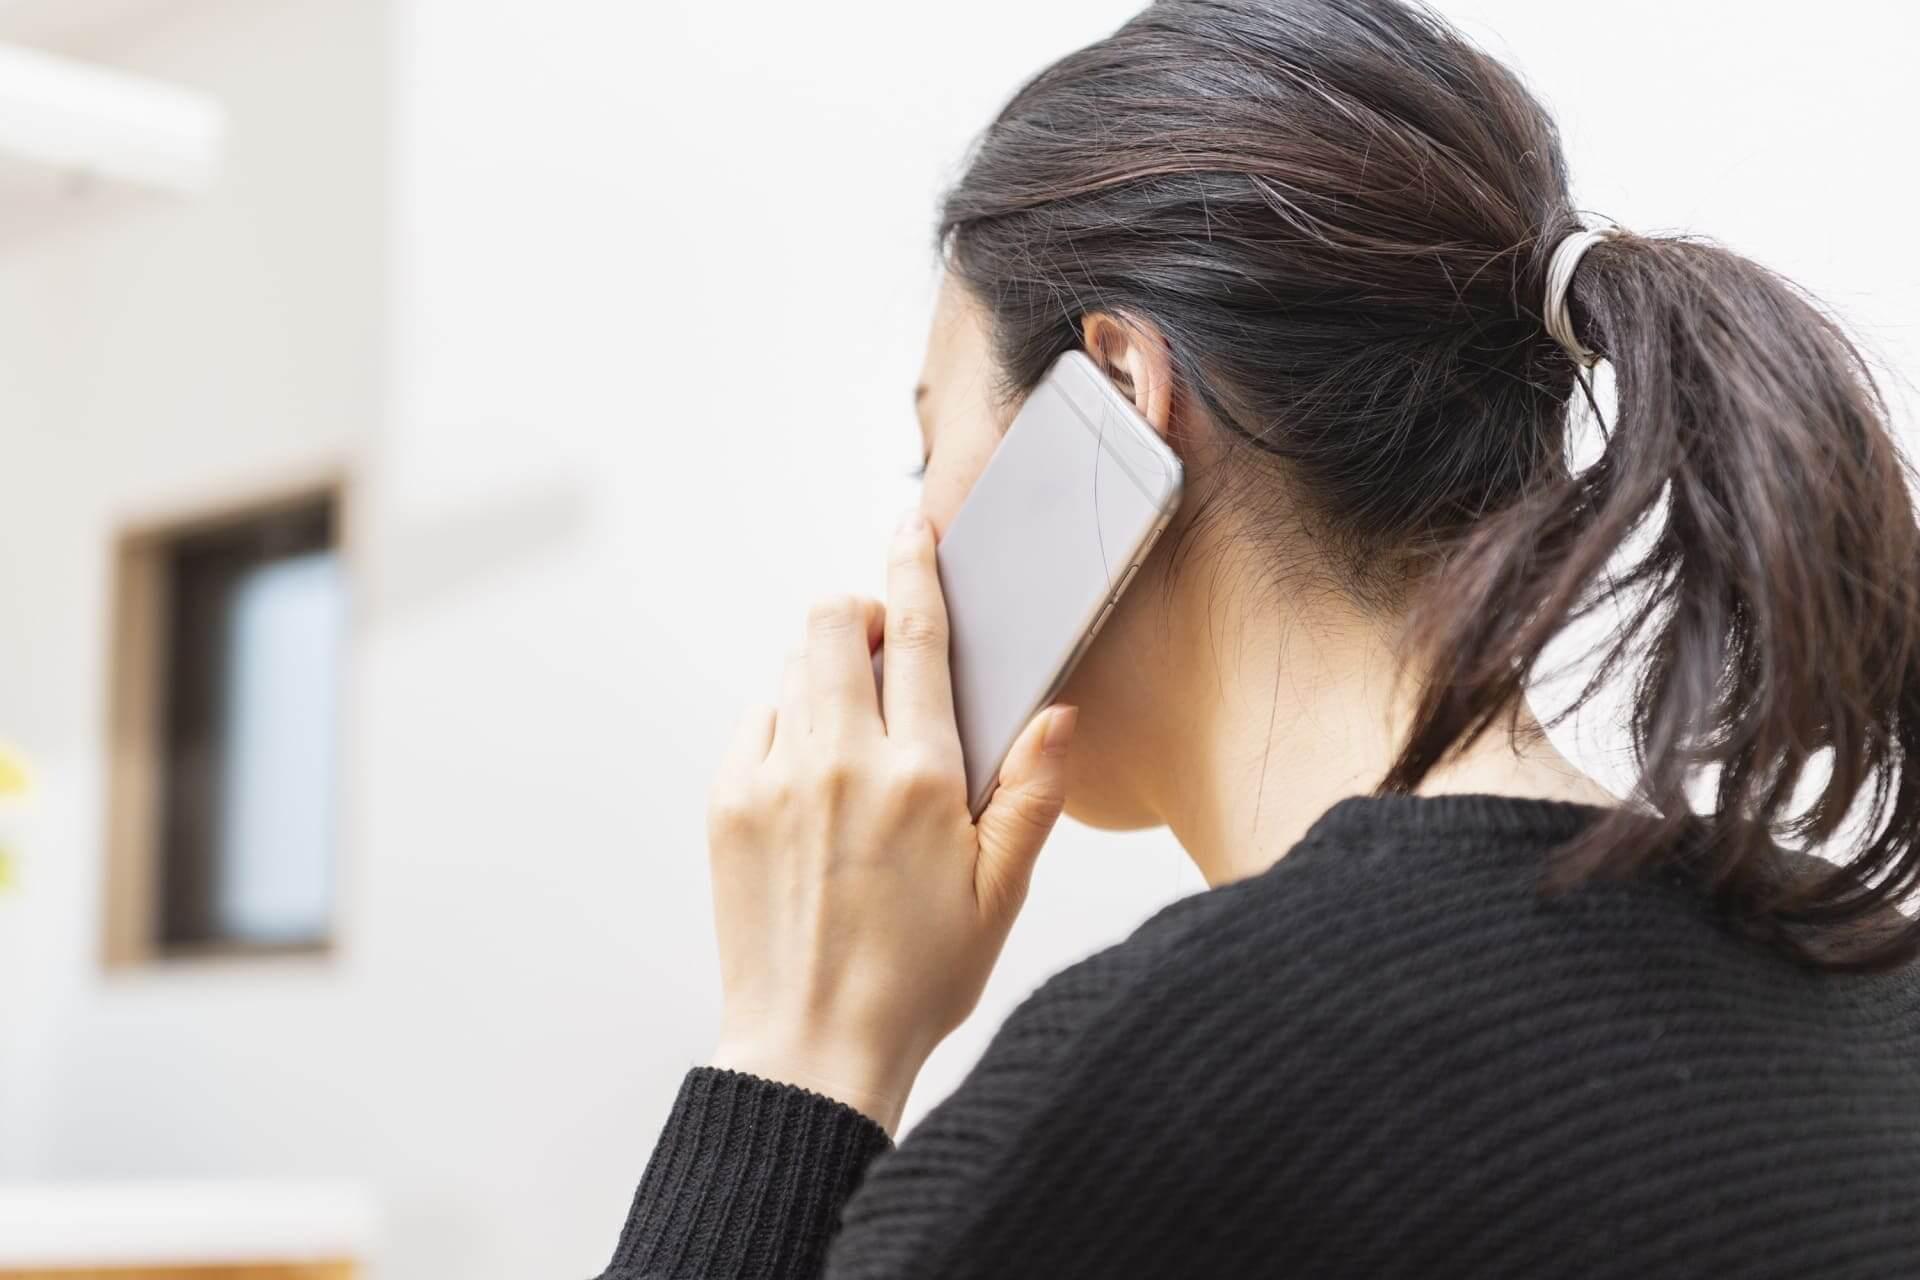 電話占いメルの当たる占い師【ミス・ルージュ】人気の秘密と口コミを検証!